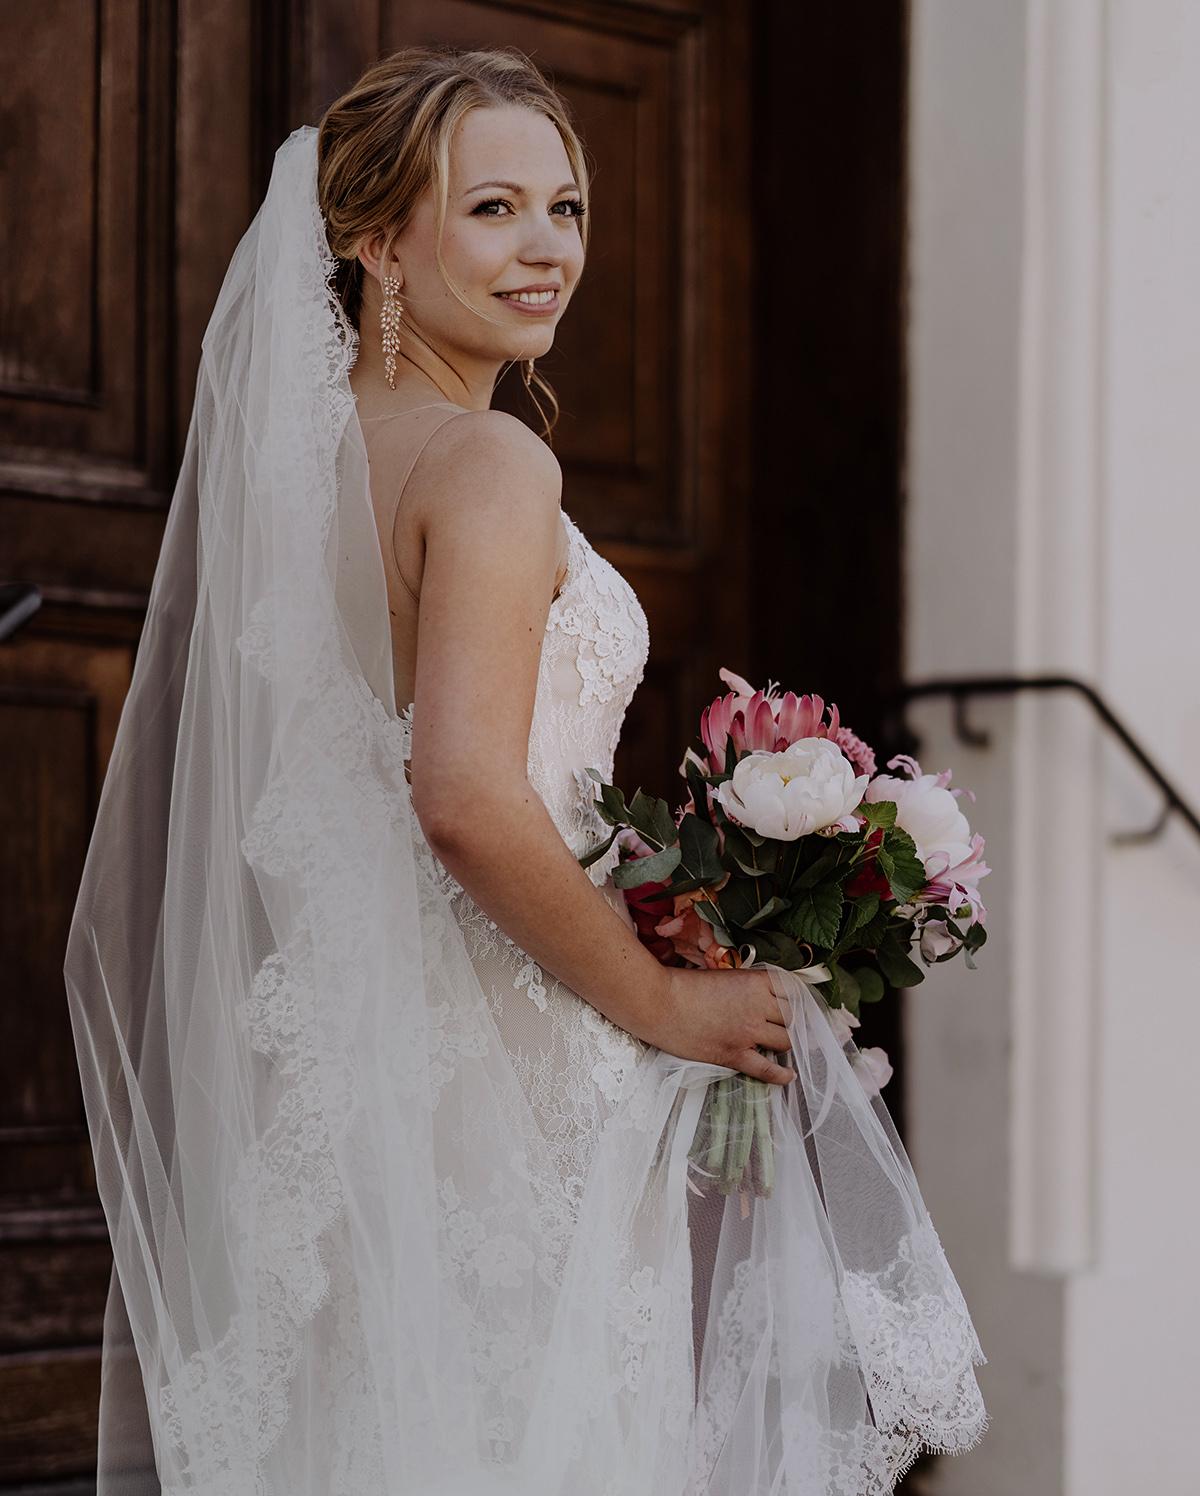 Hochzeitsportrait Braut mit Brautstrauß in rosa und weiß mit Protea von Marsano Berlin - Schloss Glienicke Hochzeitsfotograf Potsdam © www.hochzeitslicht.de